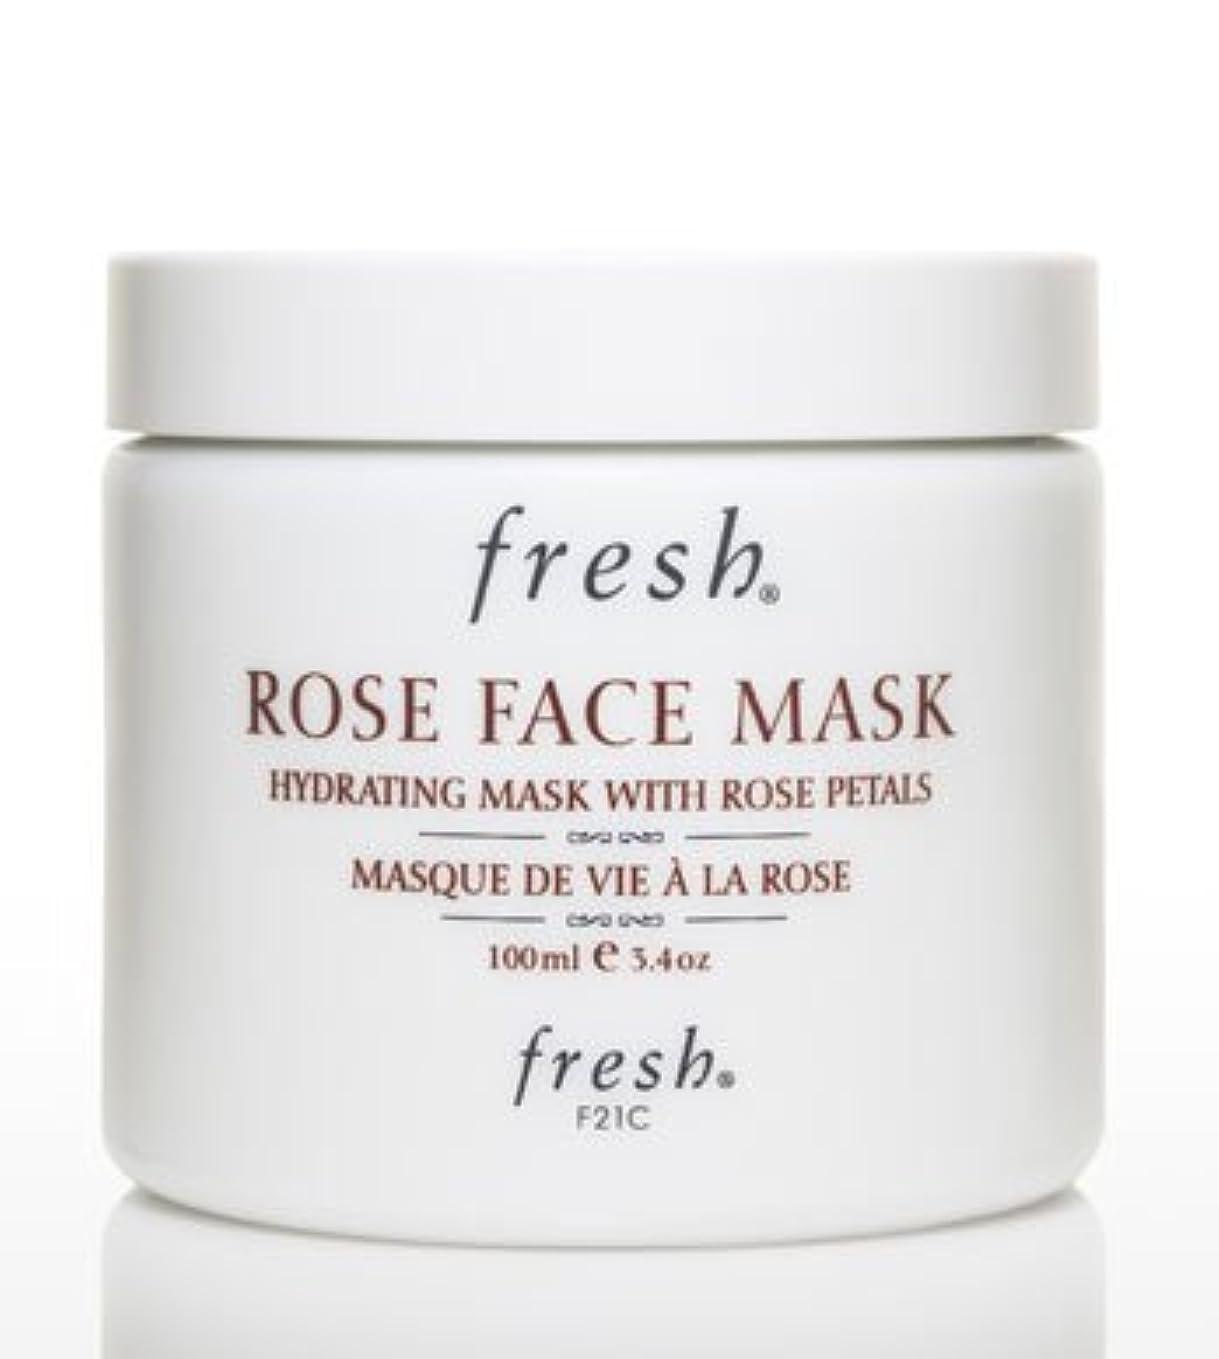 定説慣れている生命体Fresh ROSE FACE MASK (フレッシュ ローズフェイスマスク) 3.4 oz (100g) by Fresh for Women